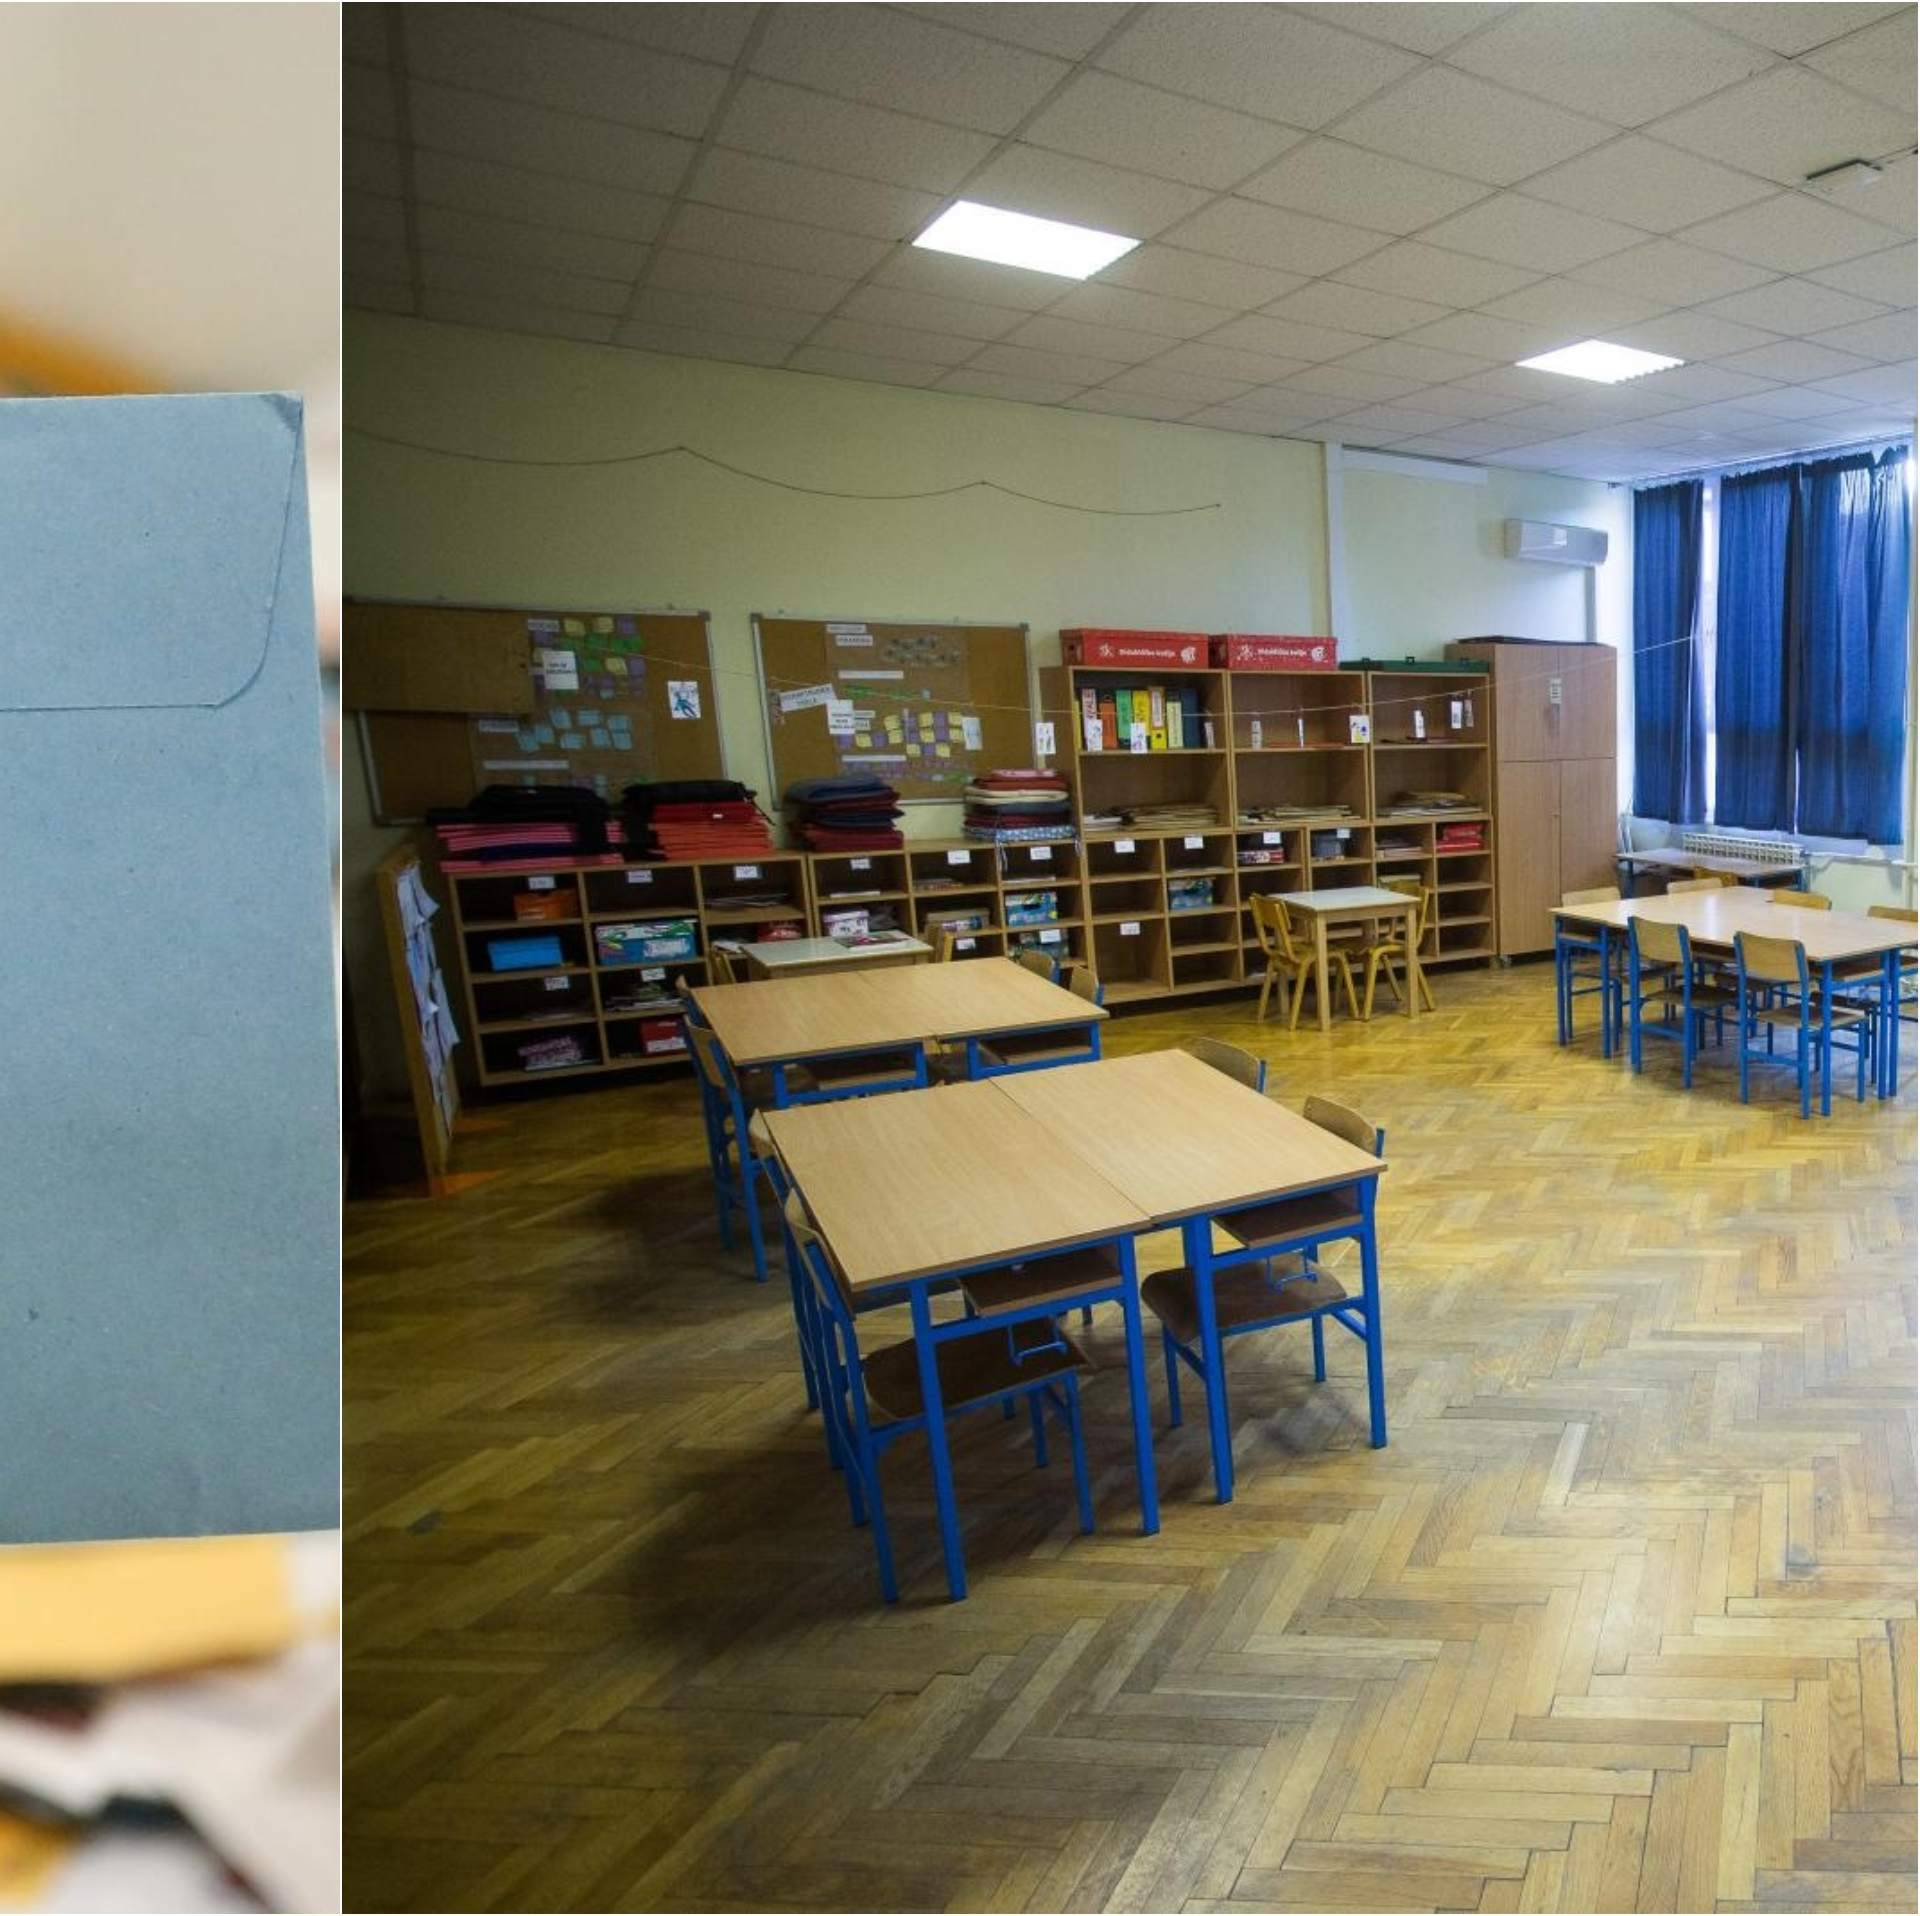 Klinac poklonio učiteljici novce: 'Mislim da ima premalu plaću'